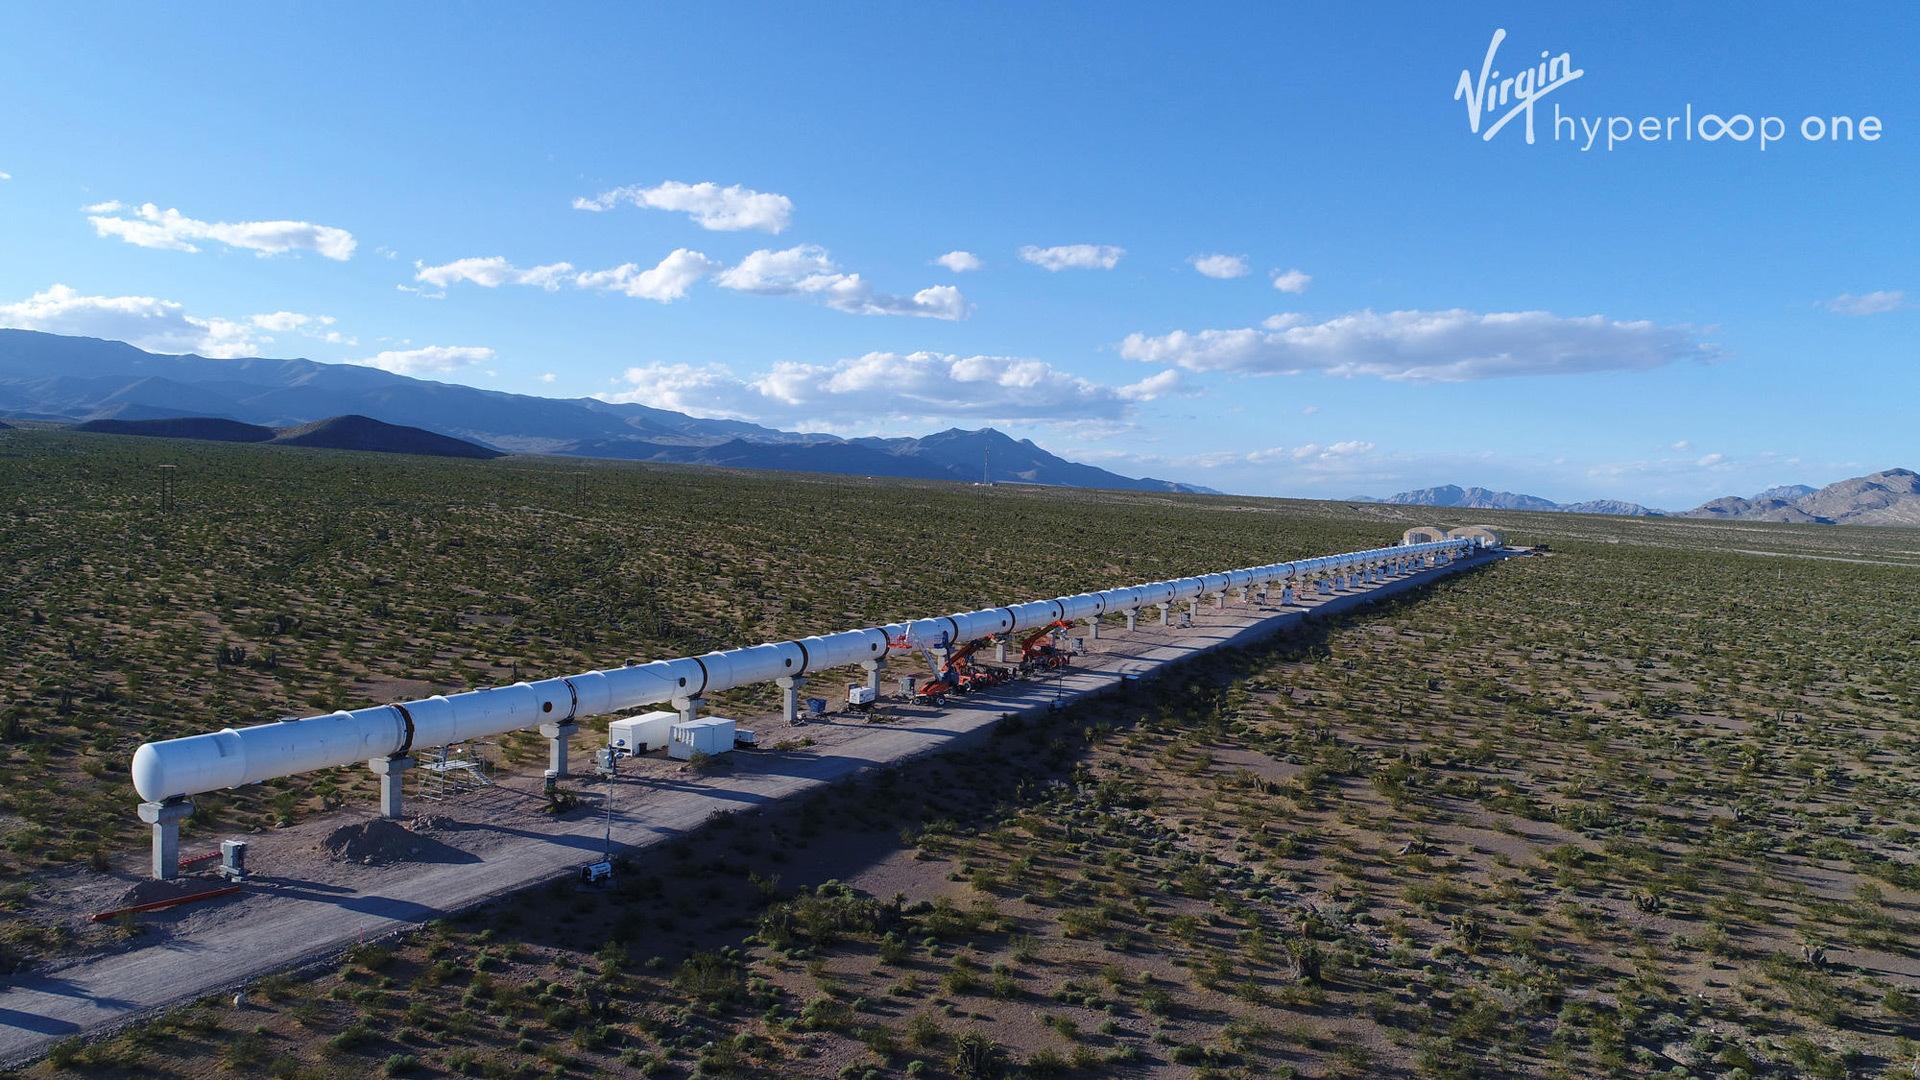 Virgin Hyperloop One test track in Nevada